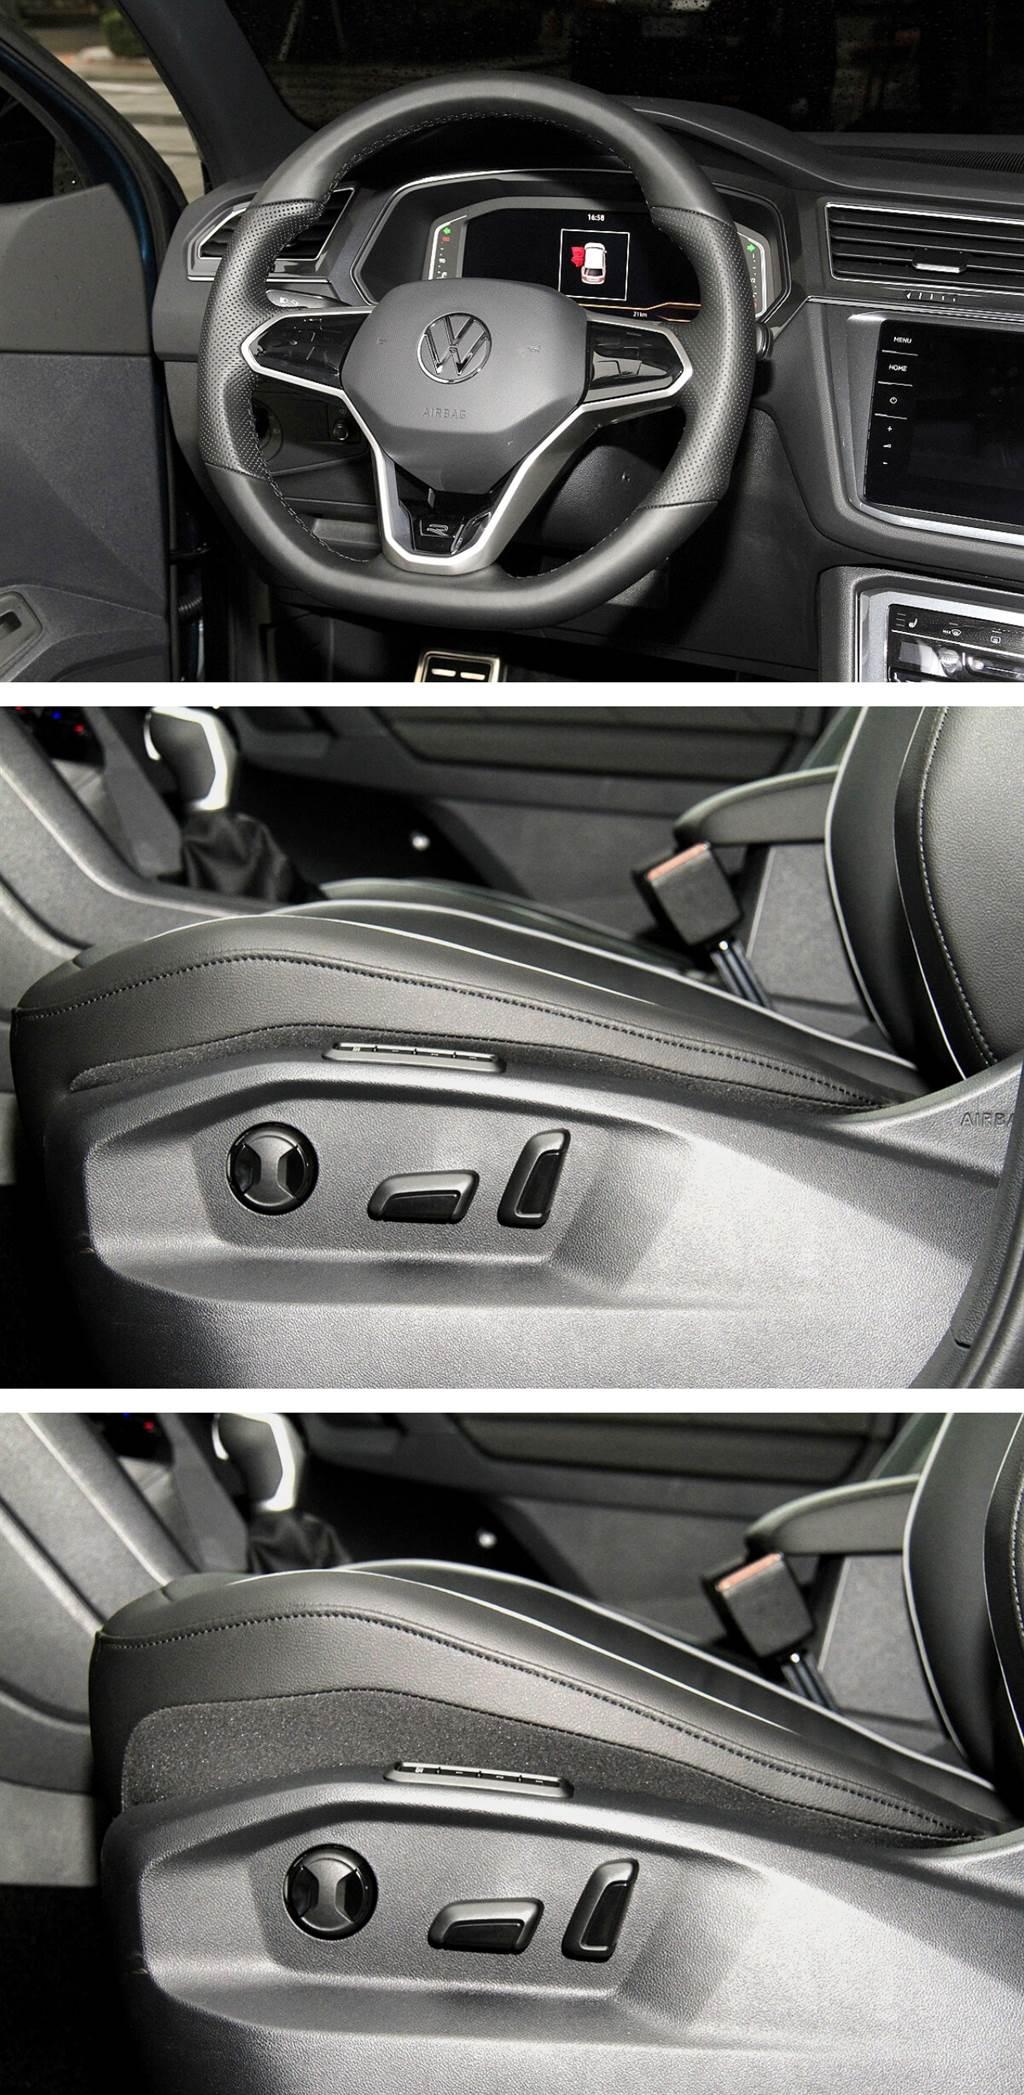 駕駛座座墊具有相當大角度的調整,可對應不同腿長的駕駛調整出最佳的駕姿。